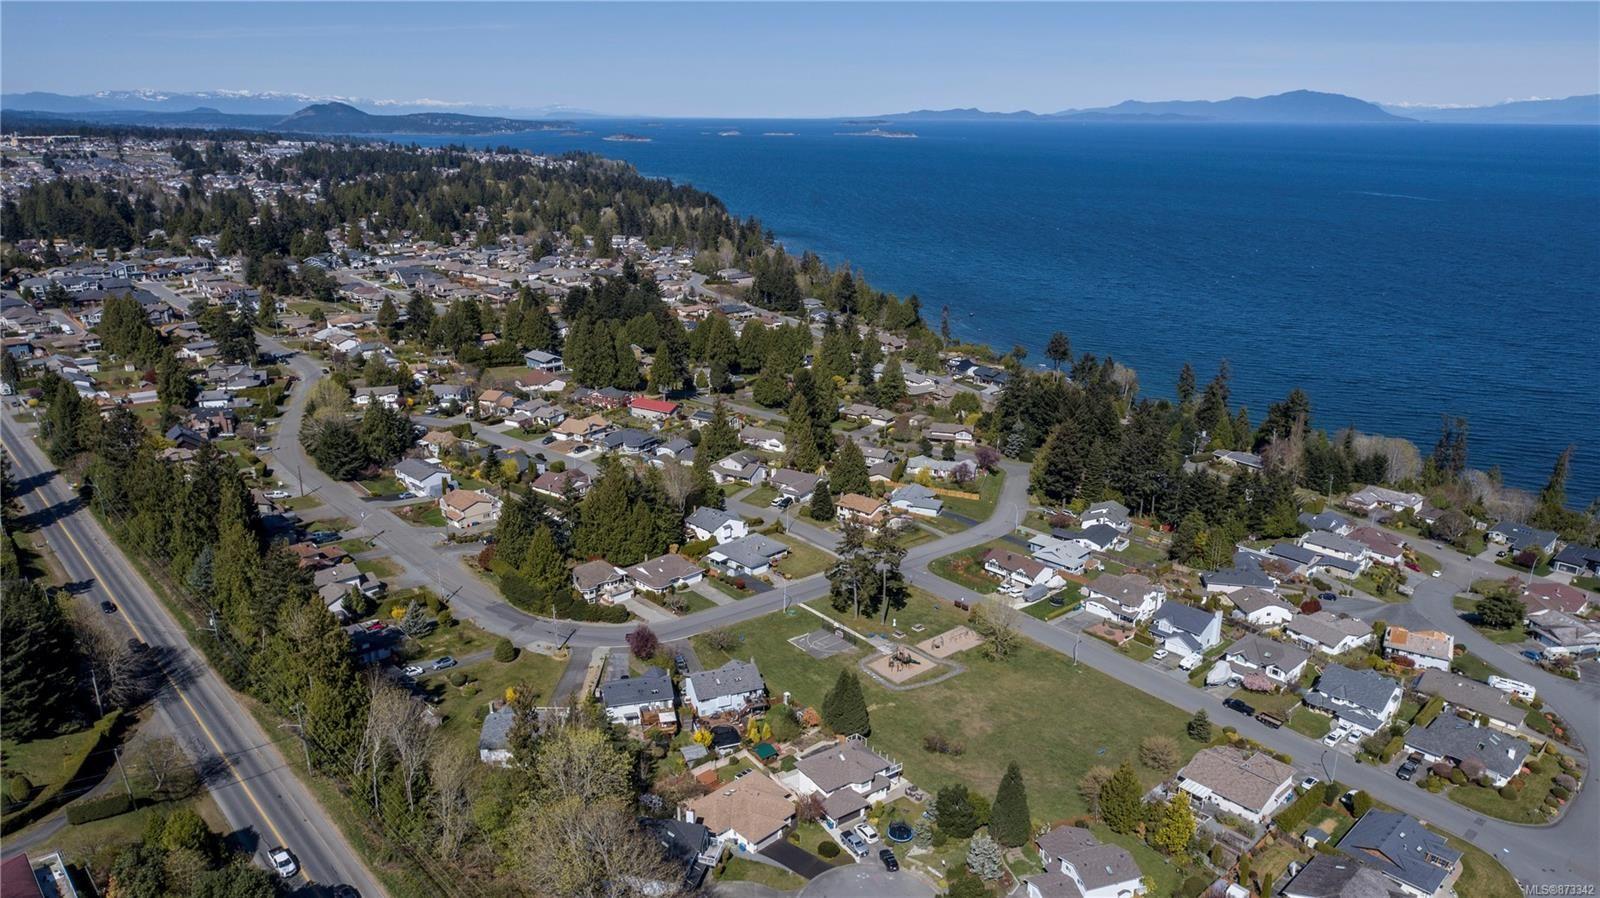 Photo 5: Photos: 5294 Catalina Dr in : Na North Nanaimo House for sale (Nanaimo)  : MLS®# 873342